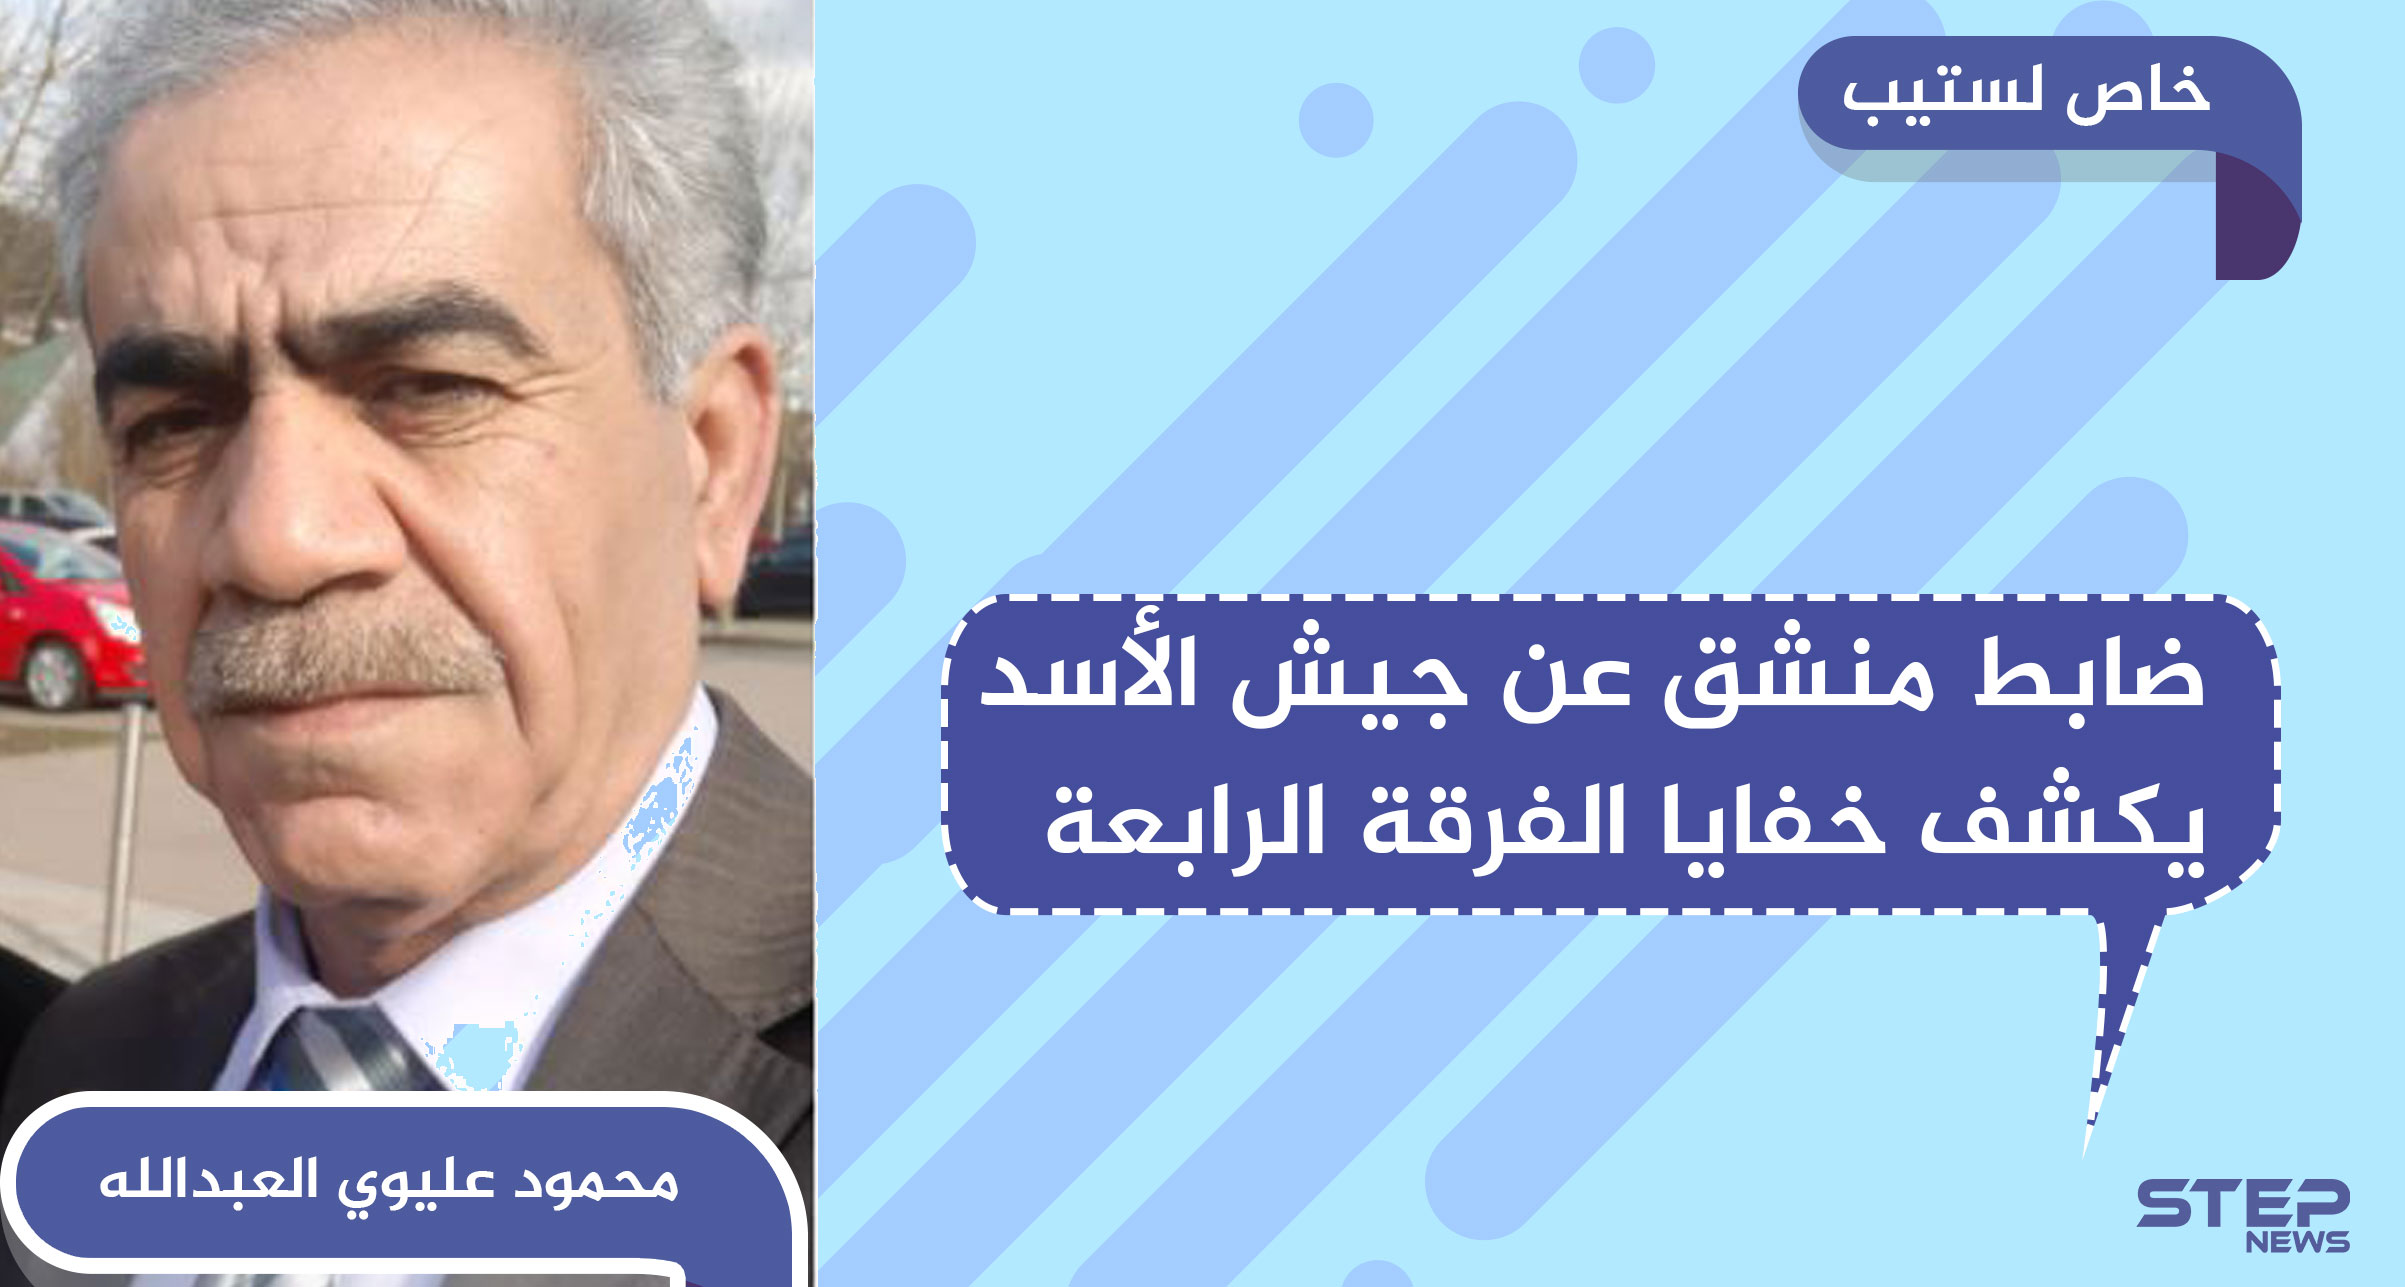 ضابط منشق يكشف خفايا عن أقوى فرق الجيش السوري: